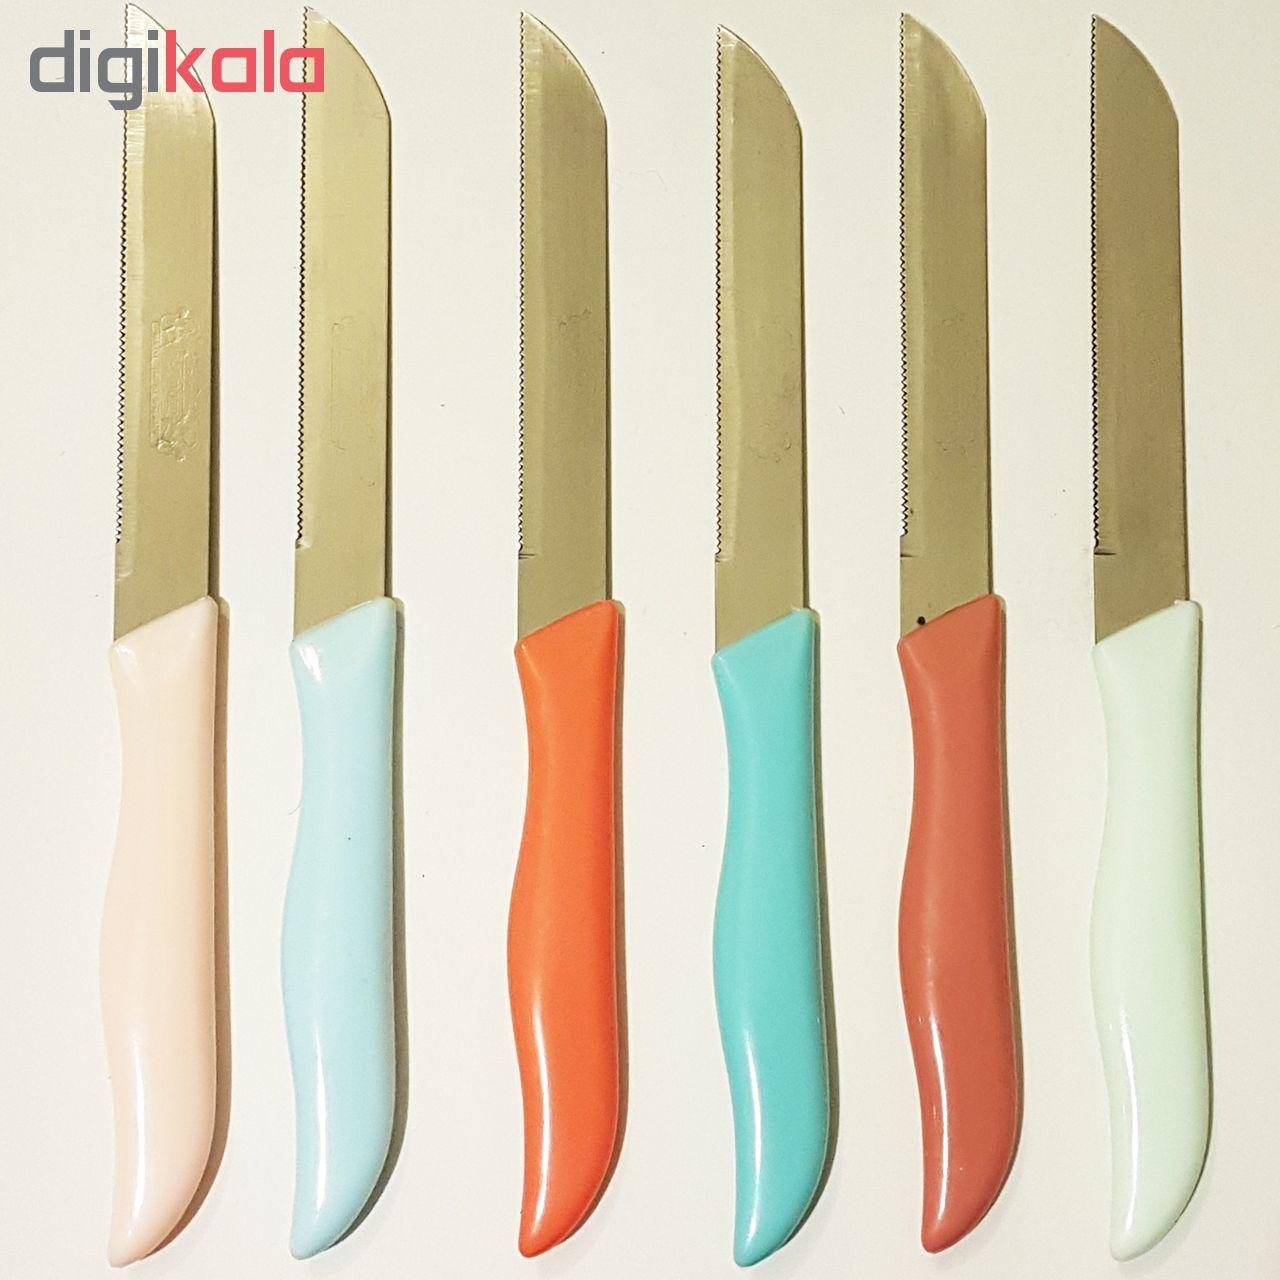 چاقو آشپزخانه سولیمون مدل FARDINOX 01 main 1 4